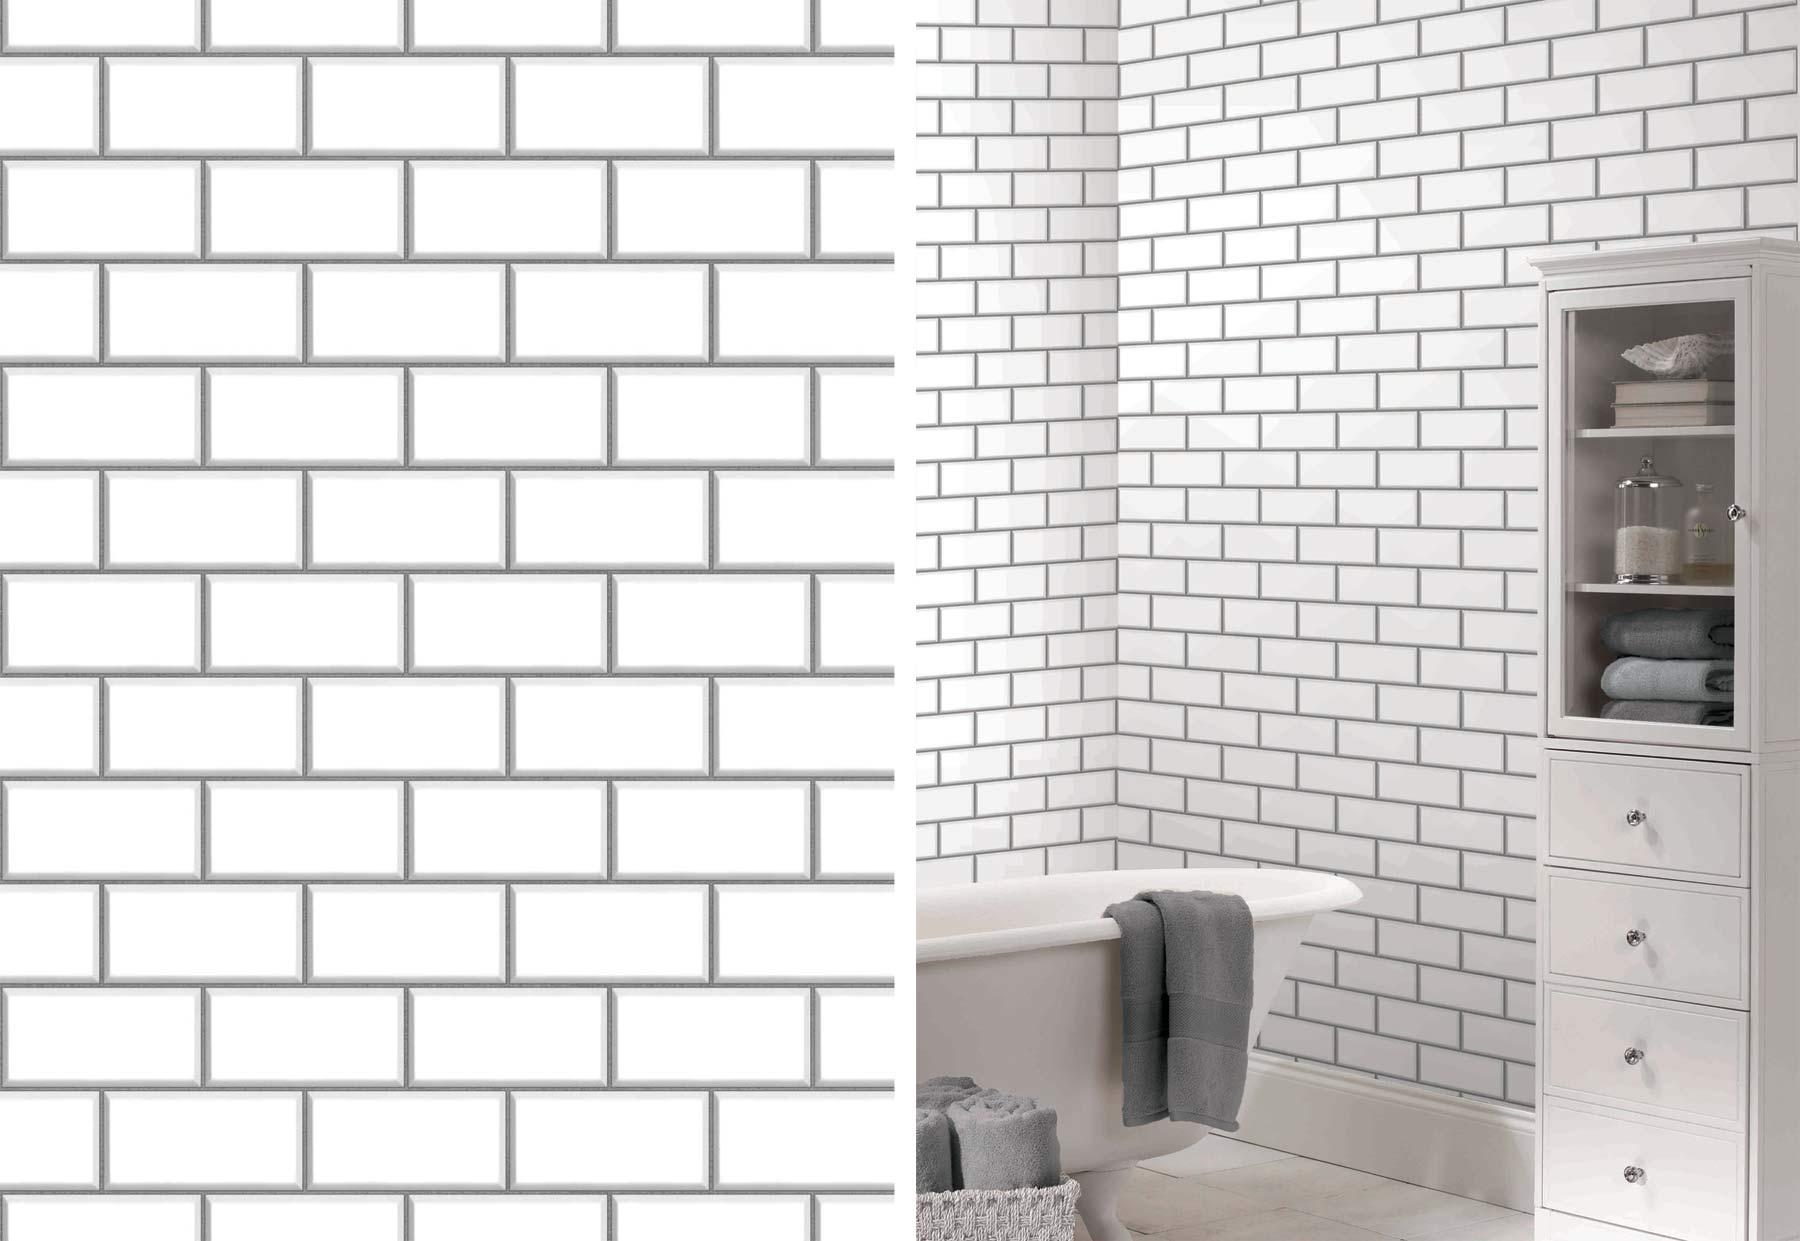 Ceramica New York Subway Tile Brick Wallpaper By Fine Decor Fd40138